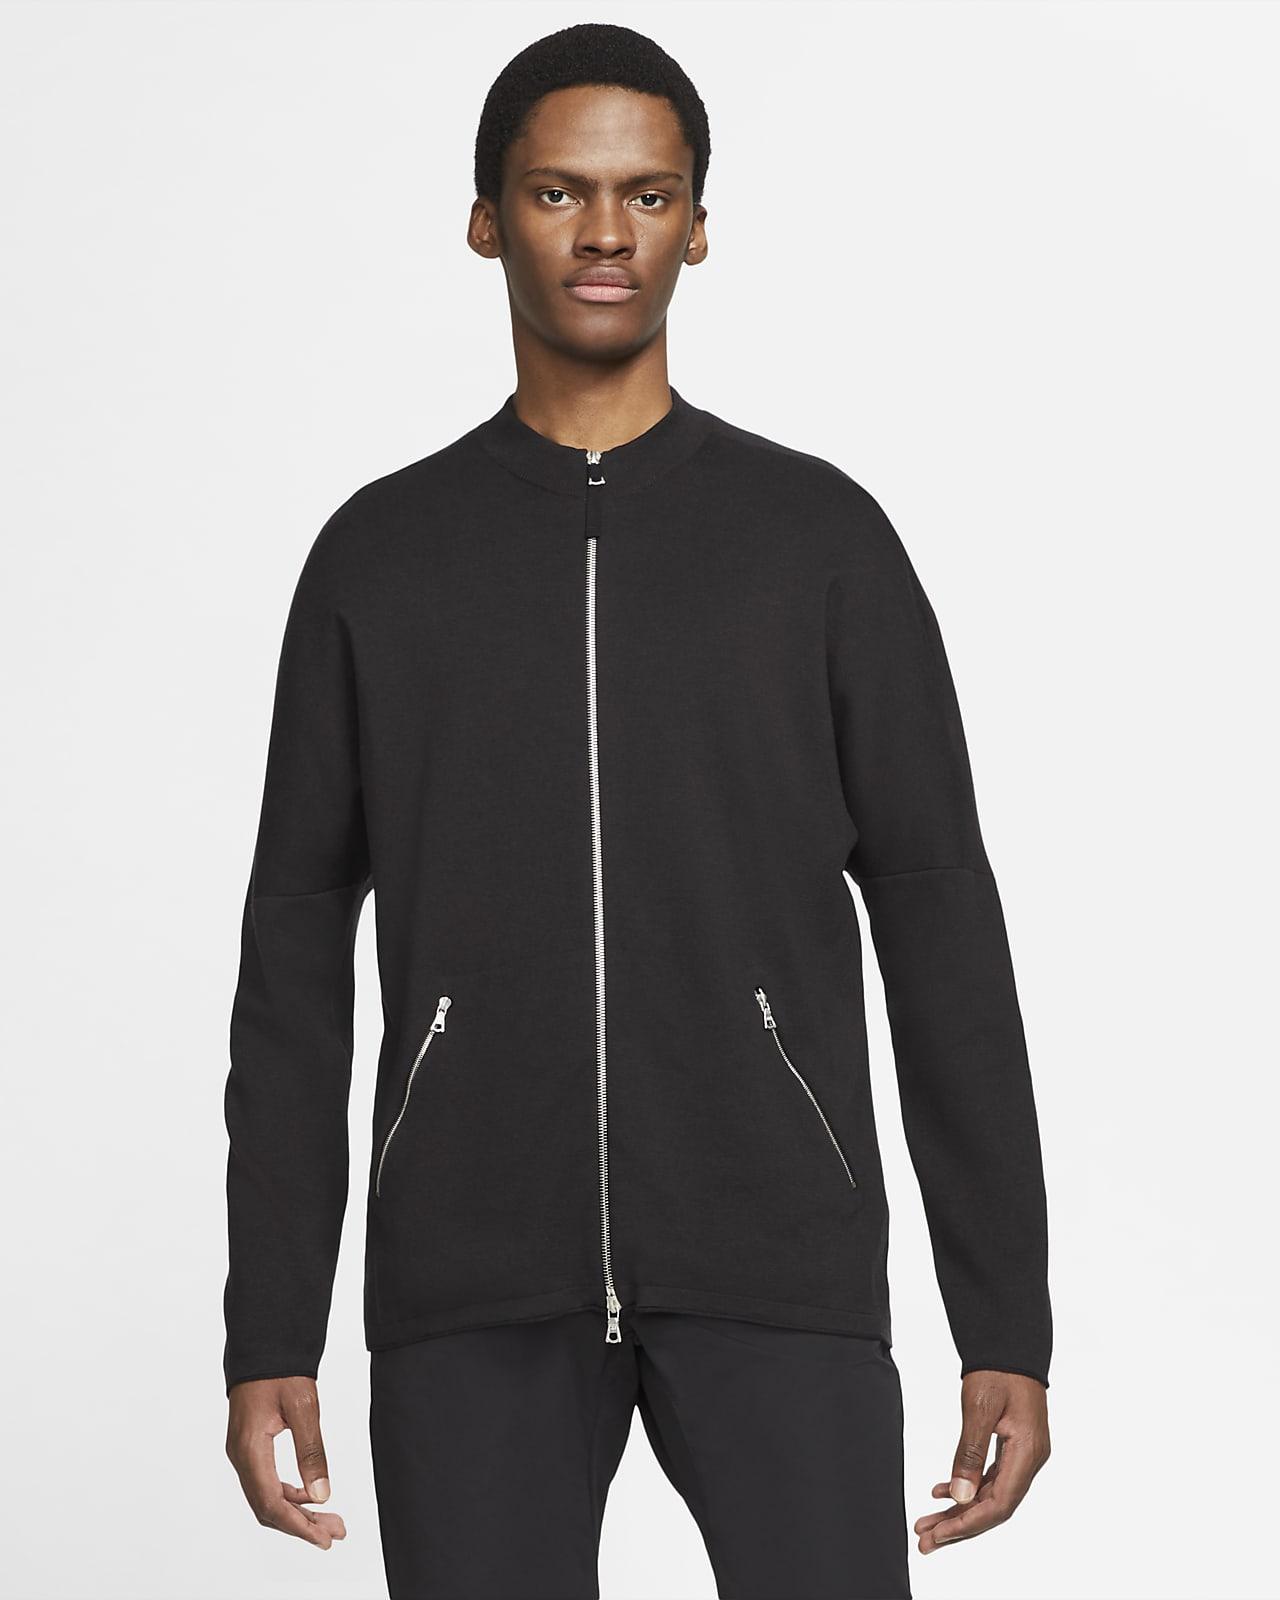 Nike ESC Men's Knit Tracksuit Jacket